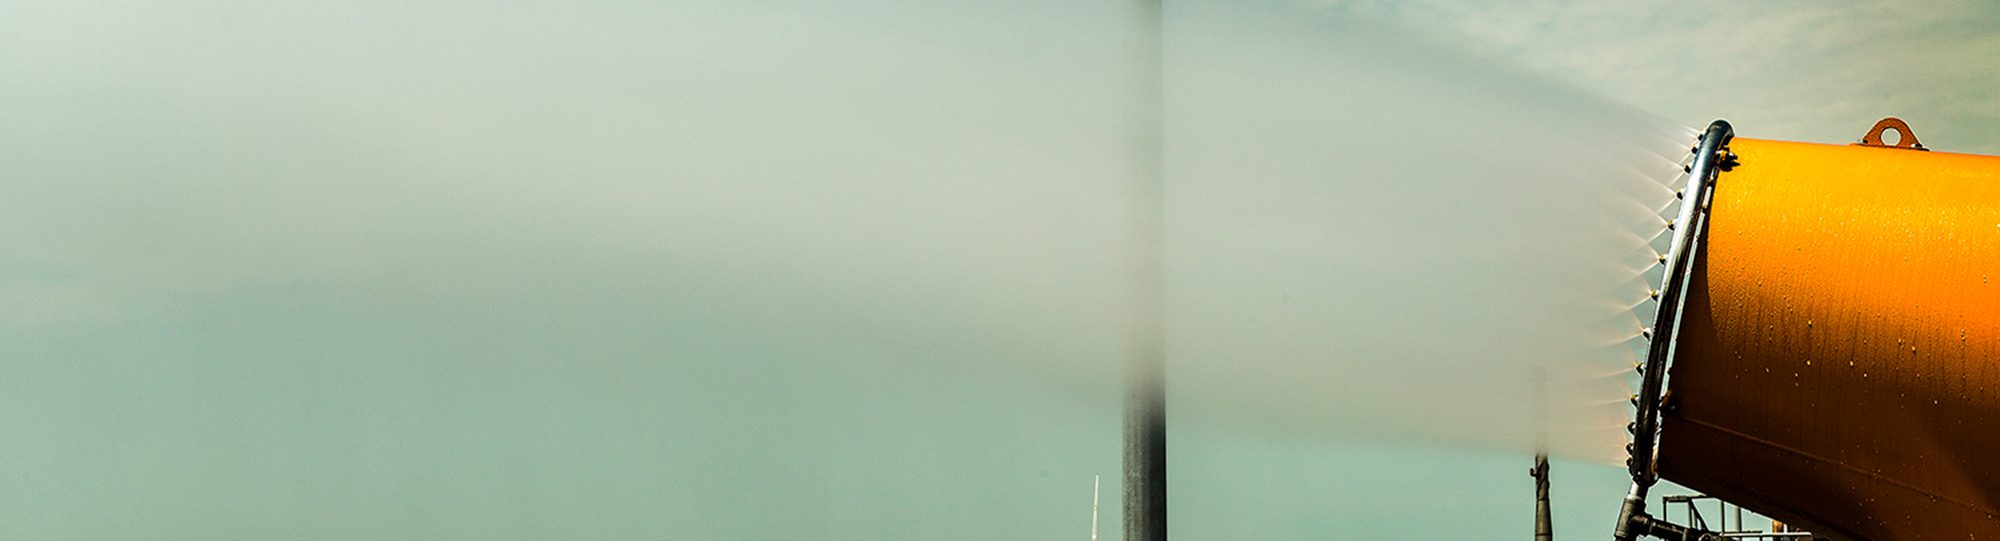 DustBoss Atomized Mist Cannon for OSHA Silica Dust Deadline